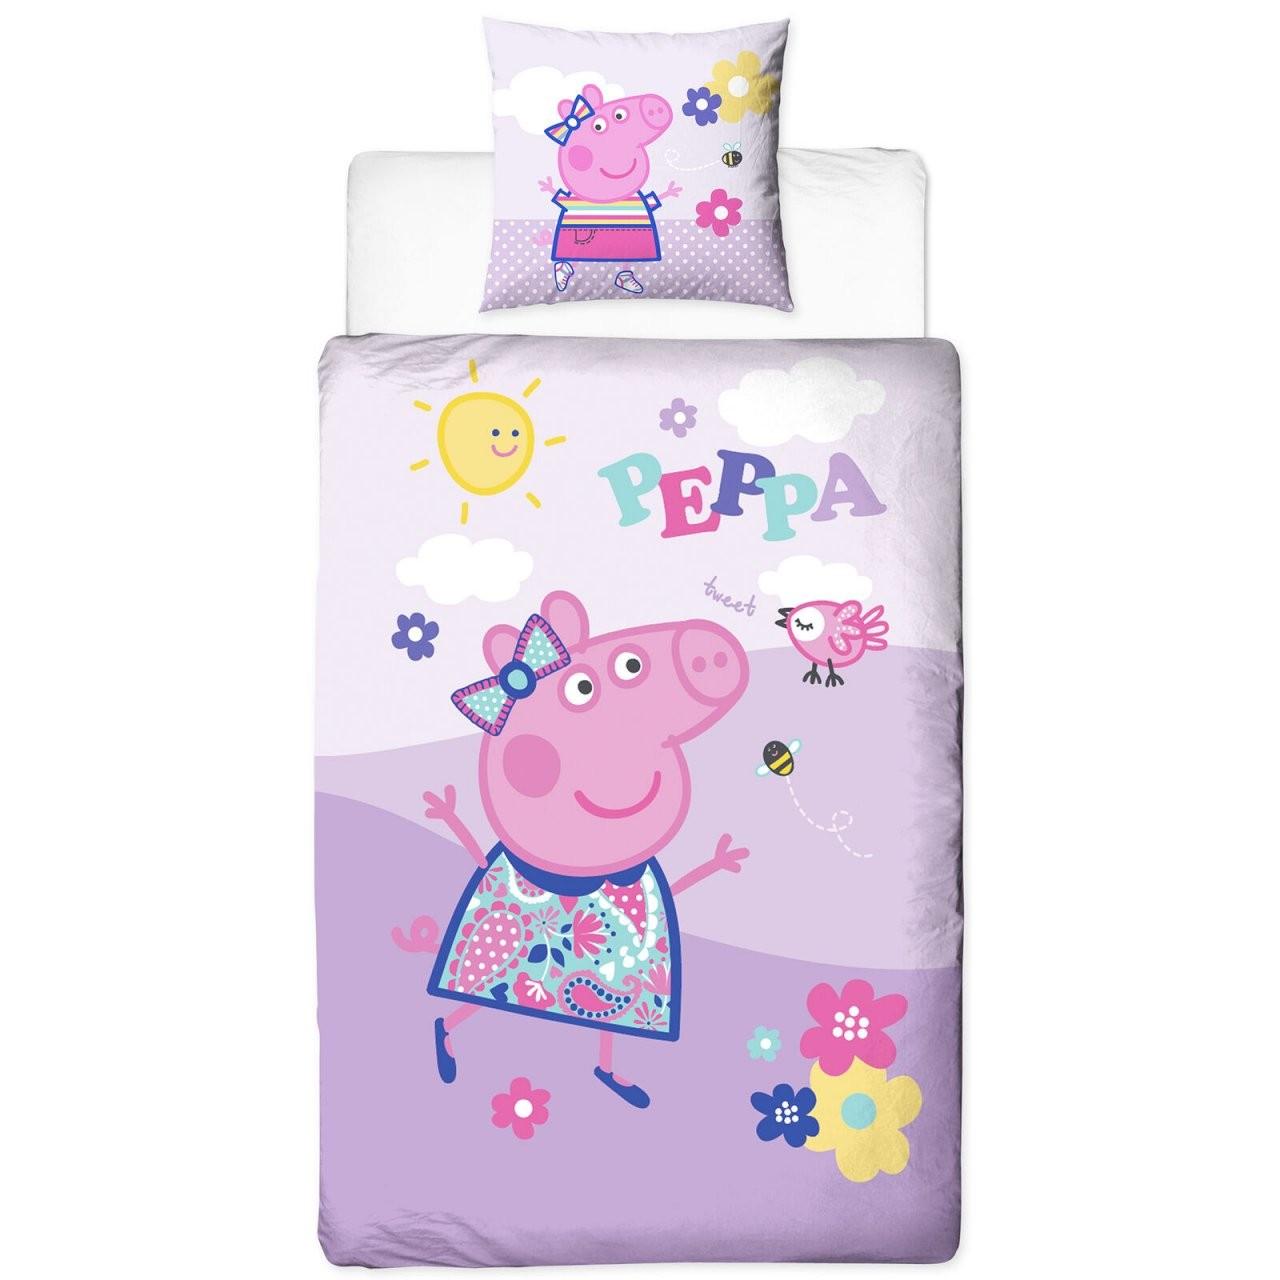 Biber Bettwäsche Peppa Wutz Pig 135X200+80X80Cm Bettzeug 100 von Bettwäsche Biber Mädchen Bild